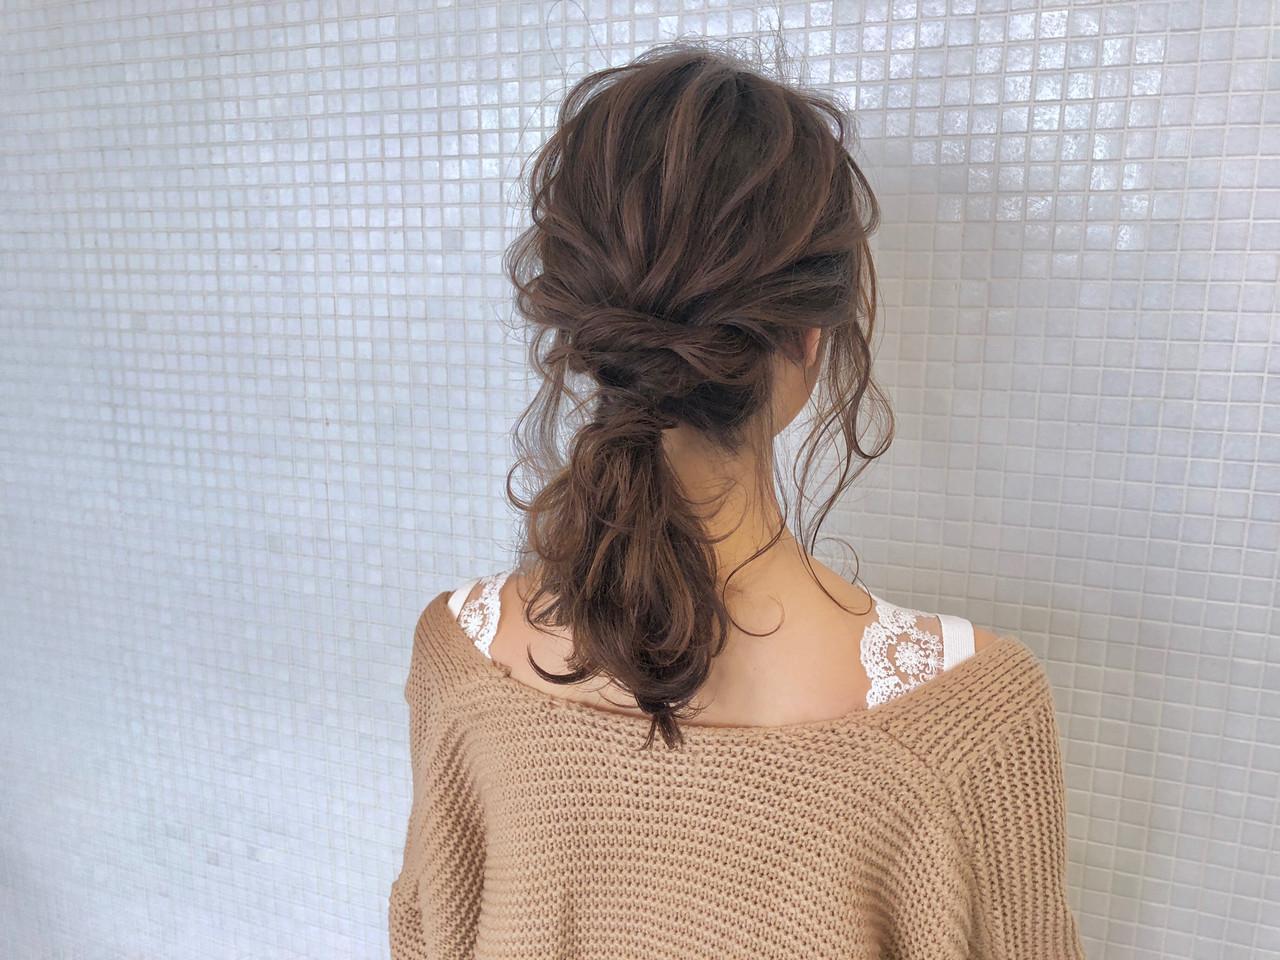 ローポニーテール 簡単ヘアアレンジ ナチュラル ポニーテールヘアスタイルや髪型の写真・画像